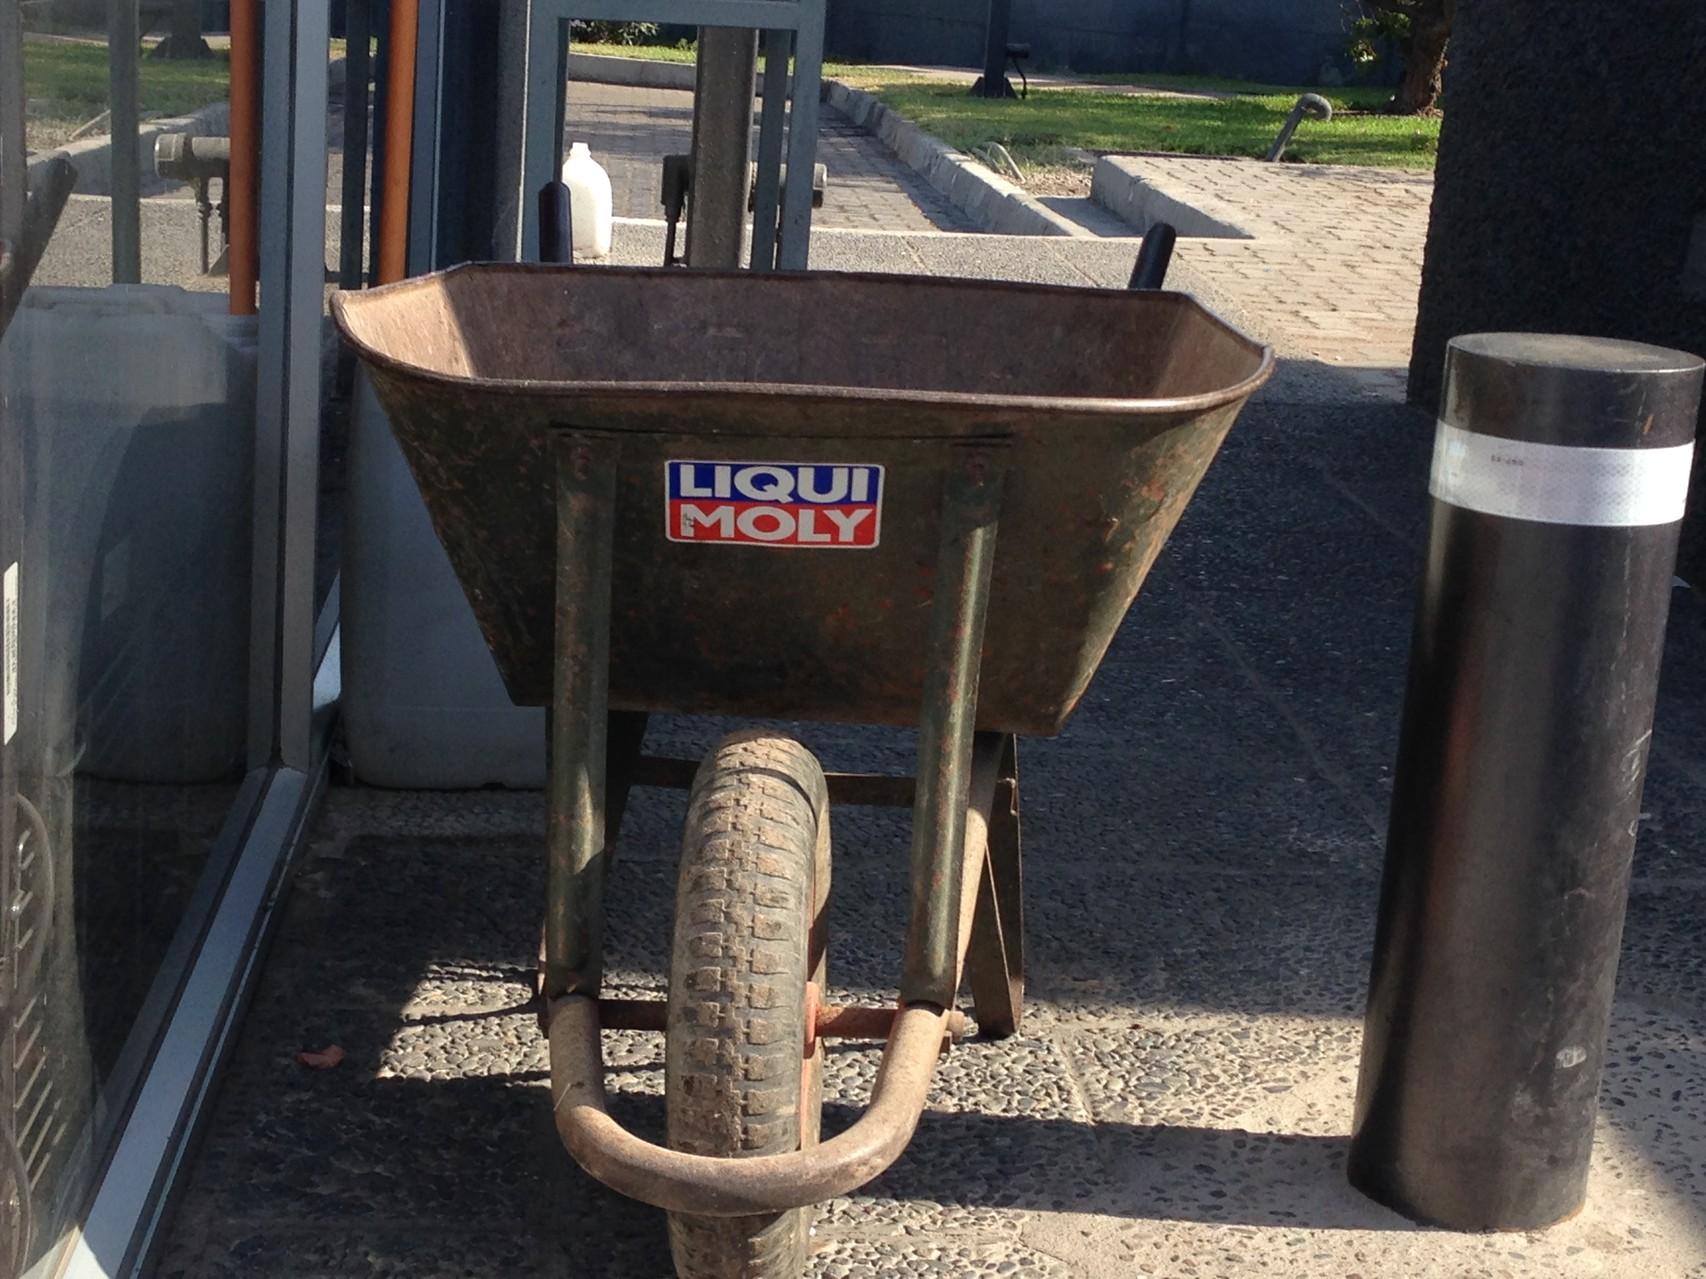 Wurde das Baufahrzeug auch von LM gesponsort?